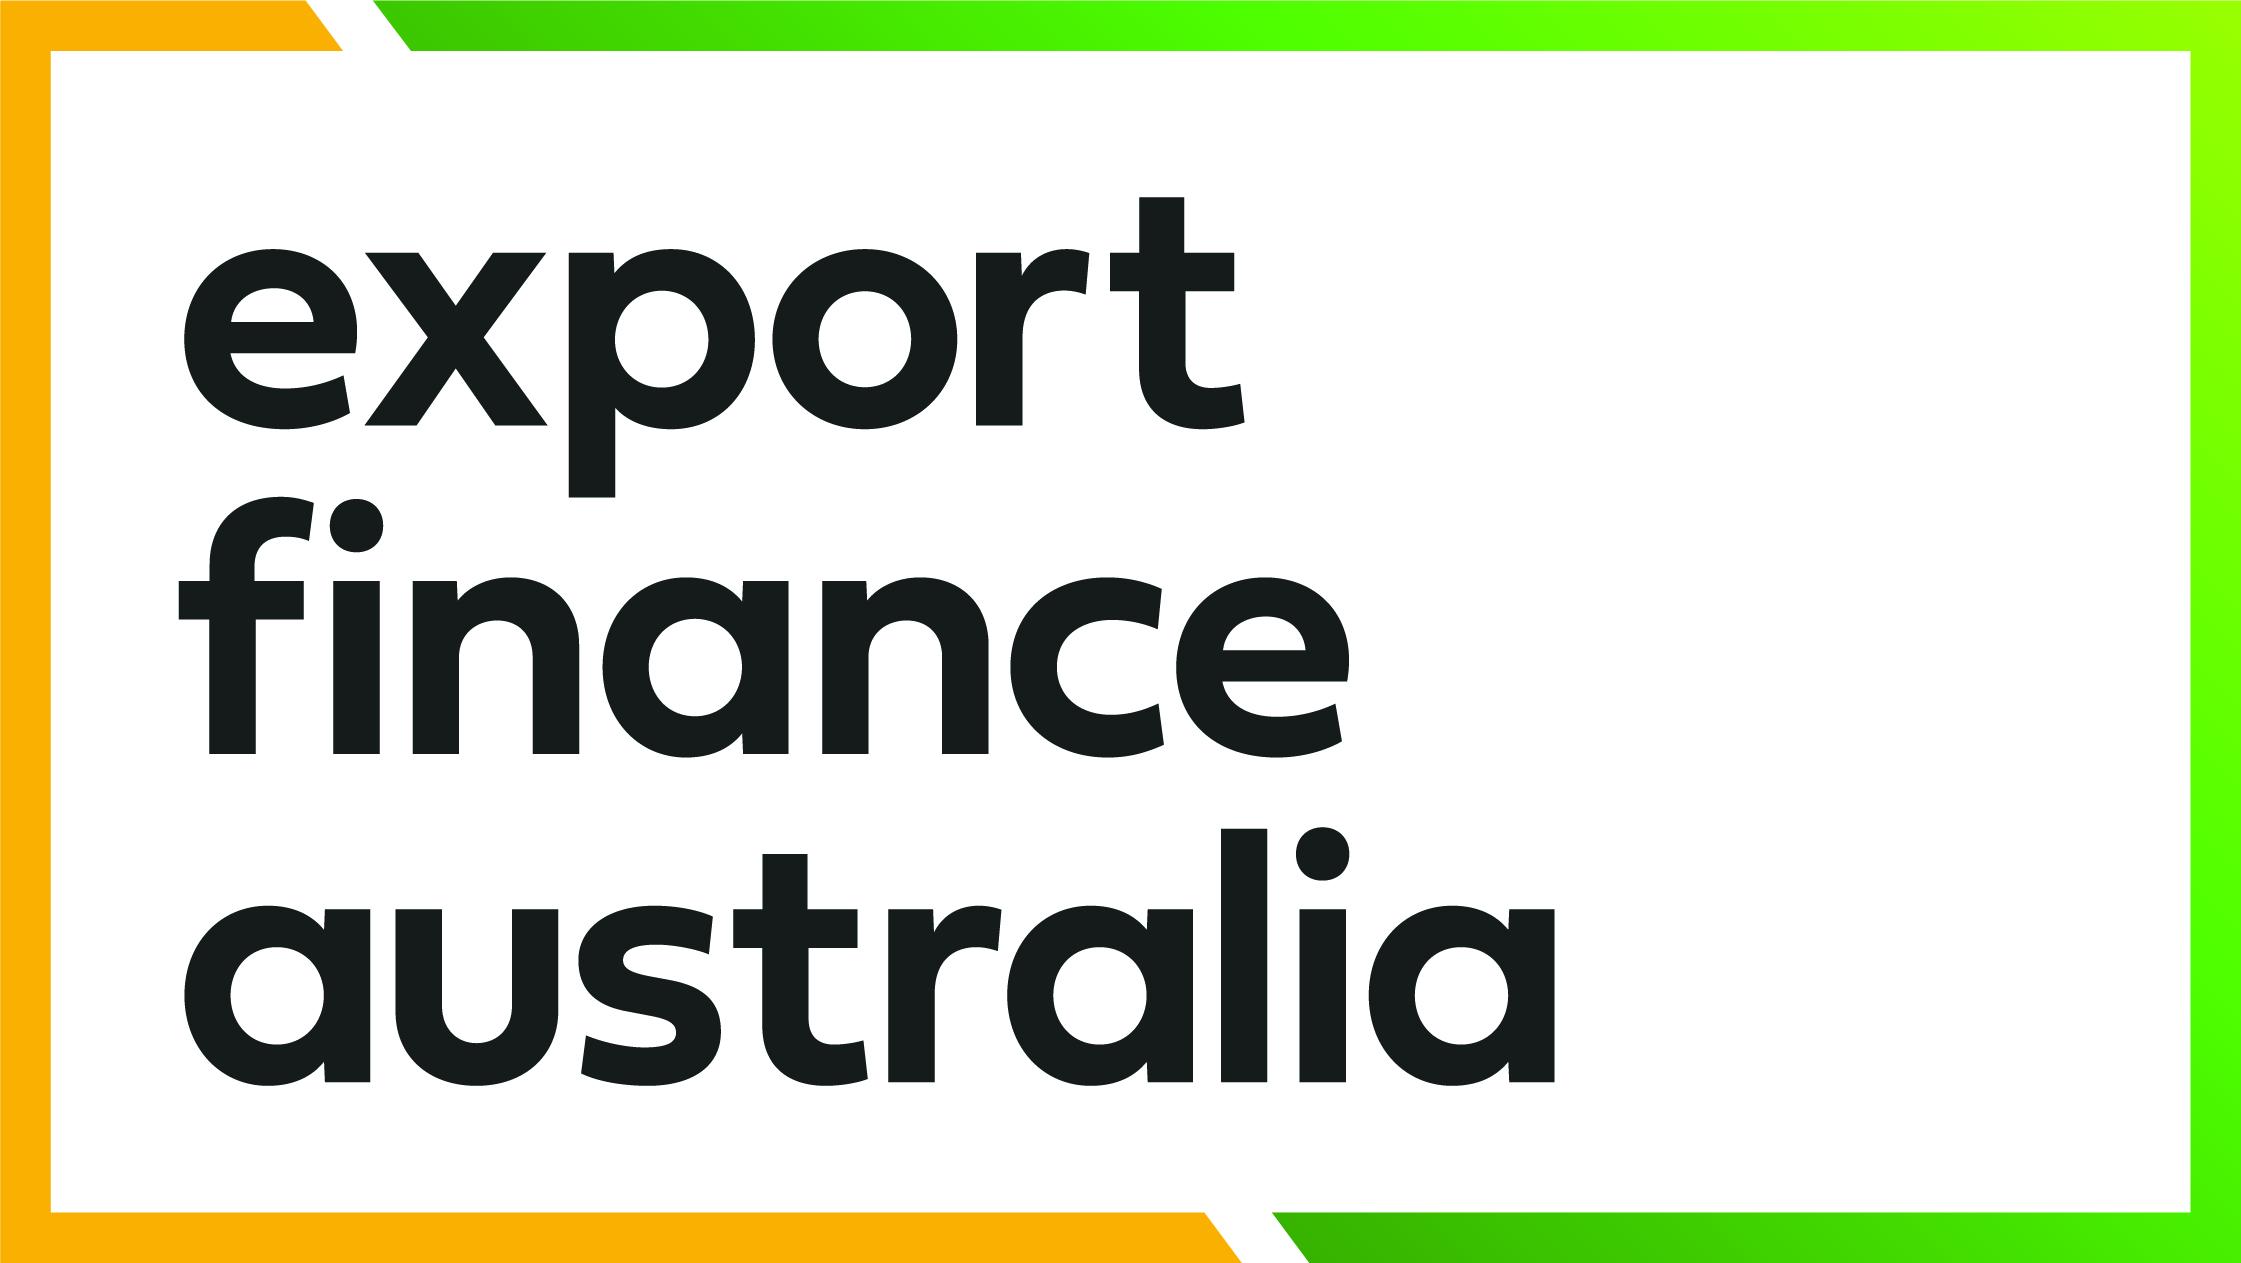 2020-export-finance-australia-logo.jpg